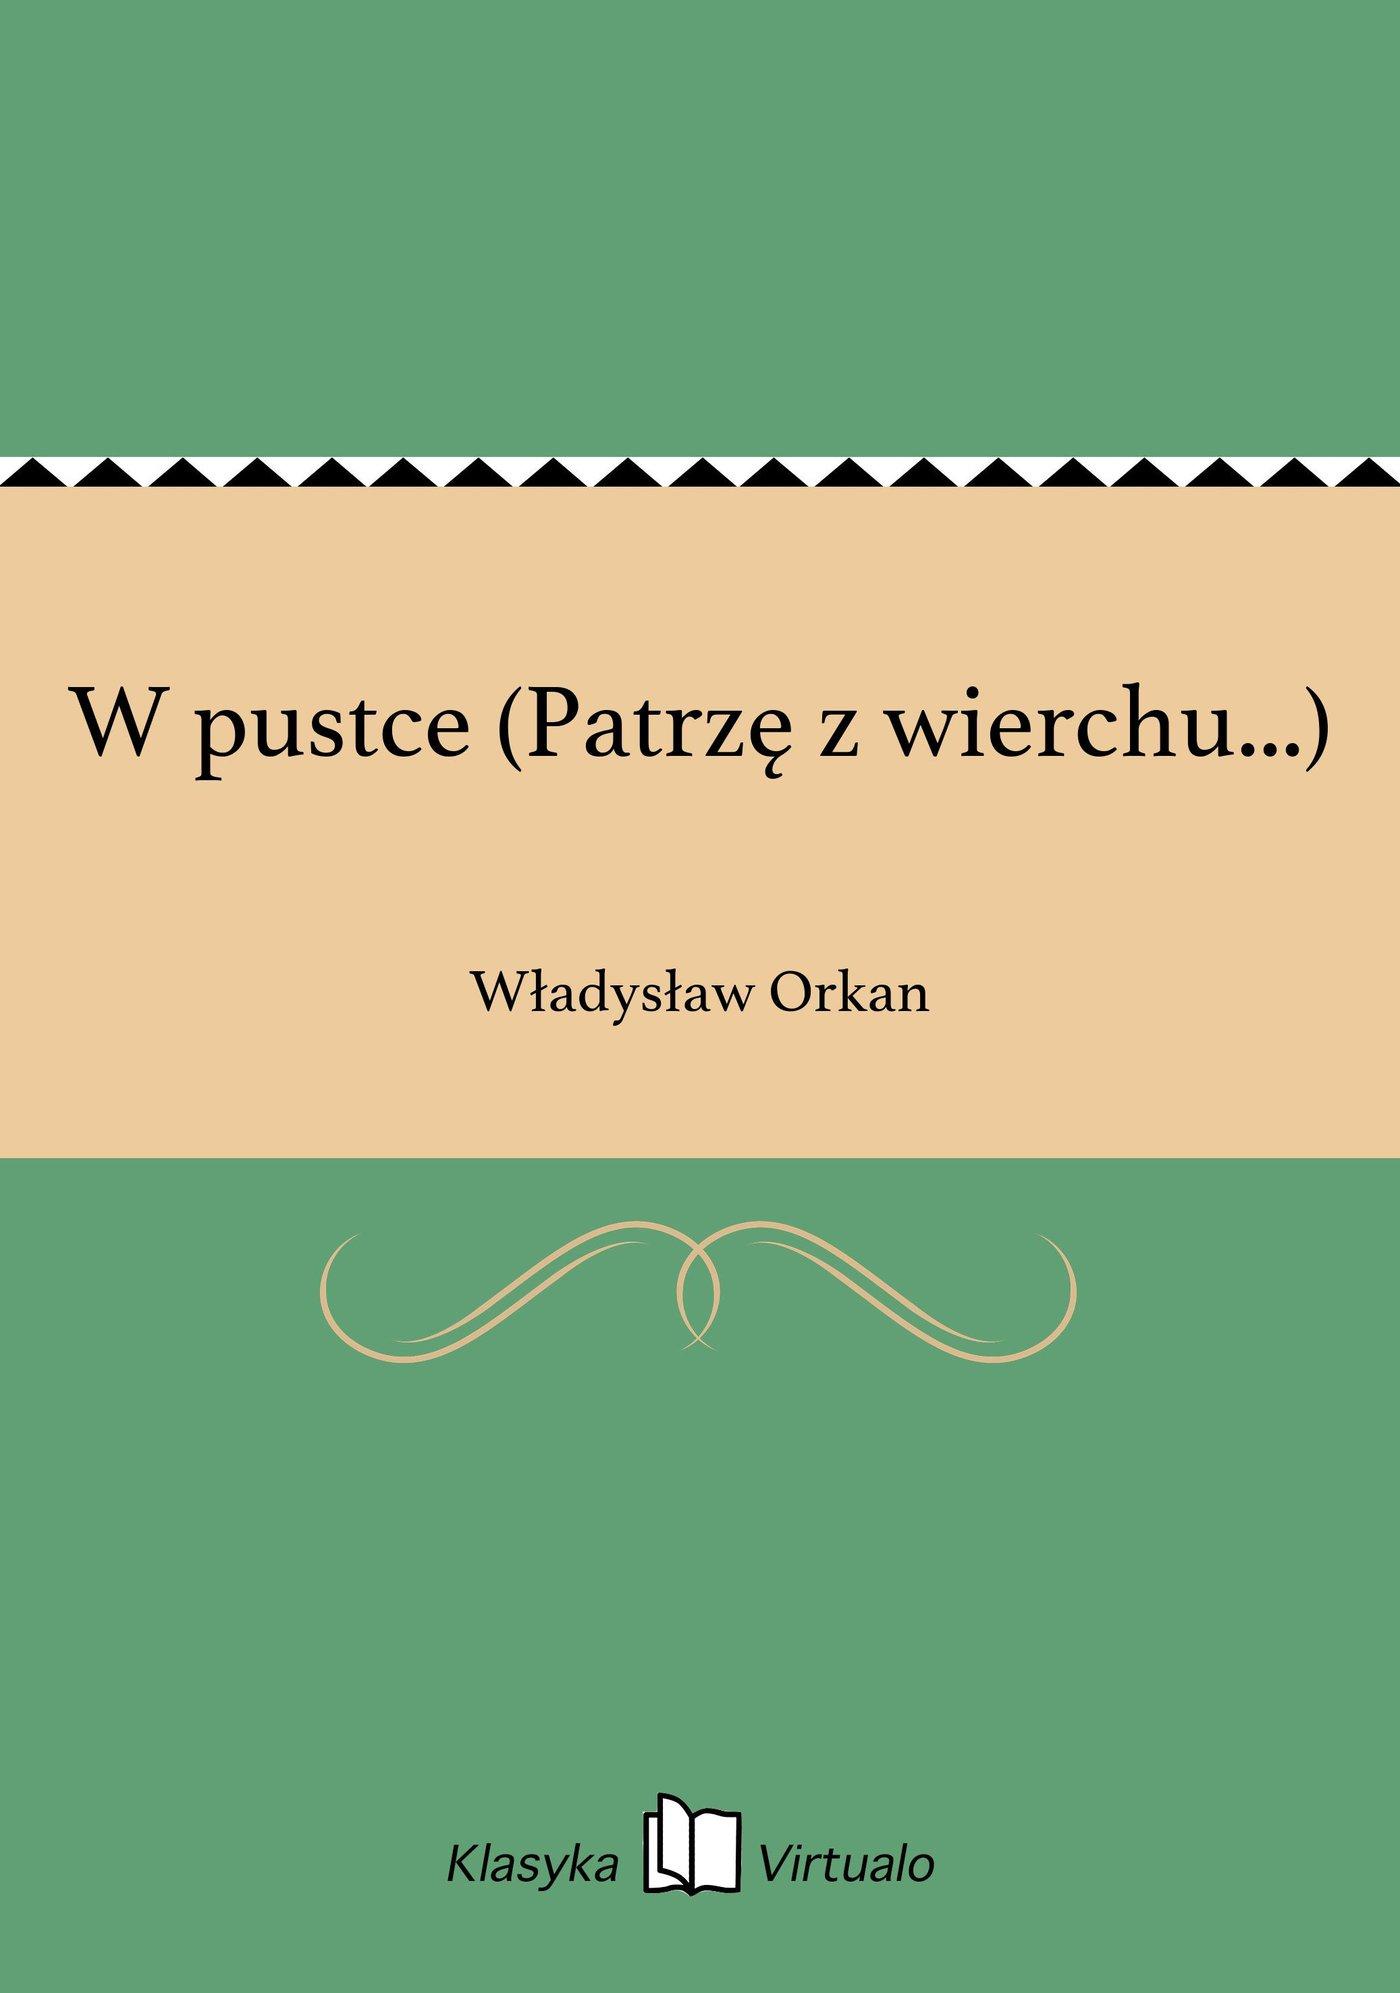 W pustce (Patrzę z wierchu...) - Ebook (Książka EPUB) do pobrania w formacie EPUB